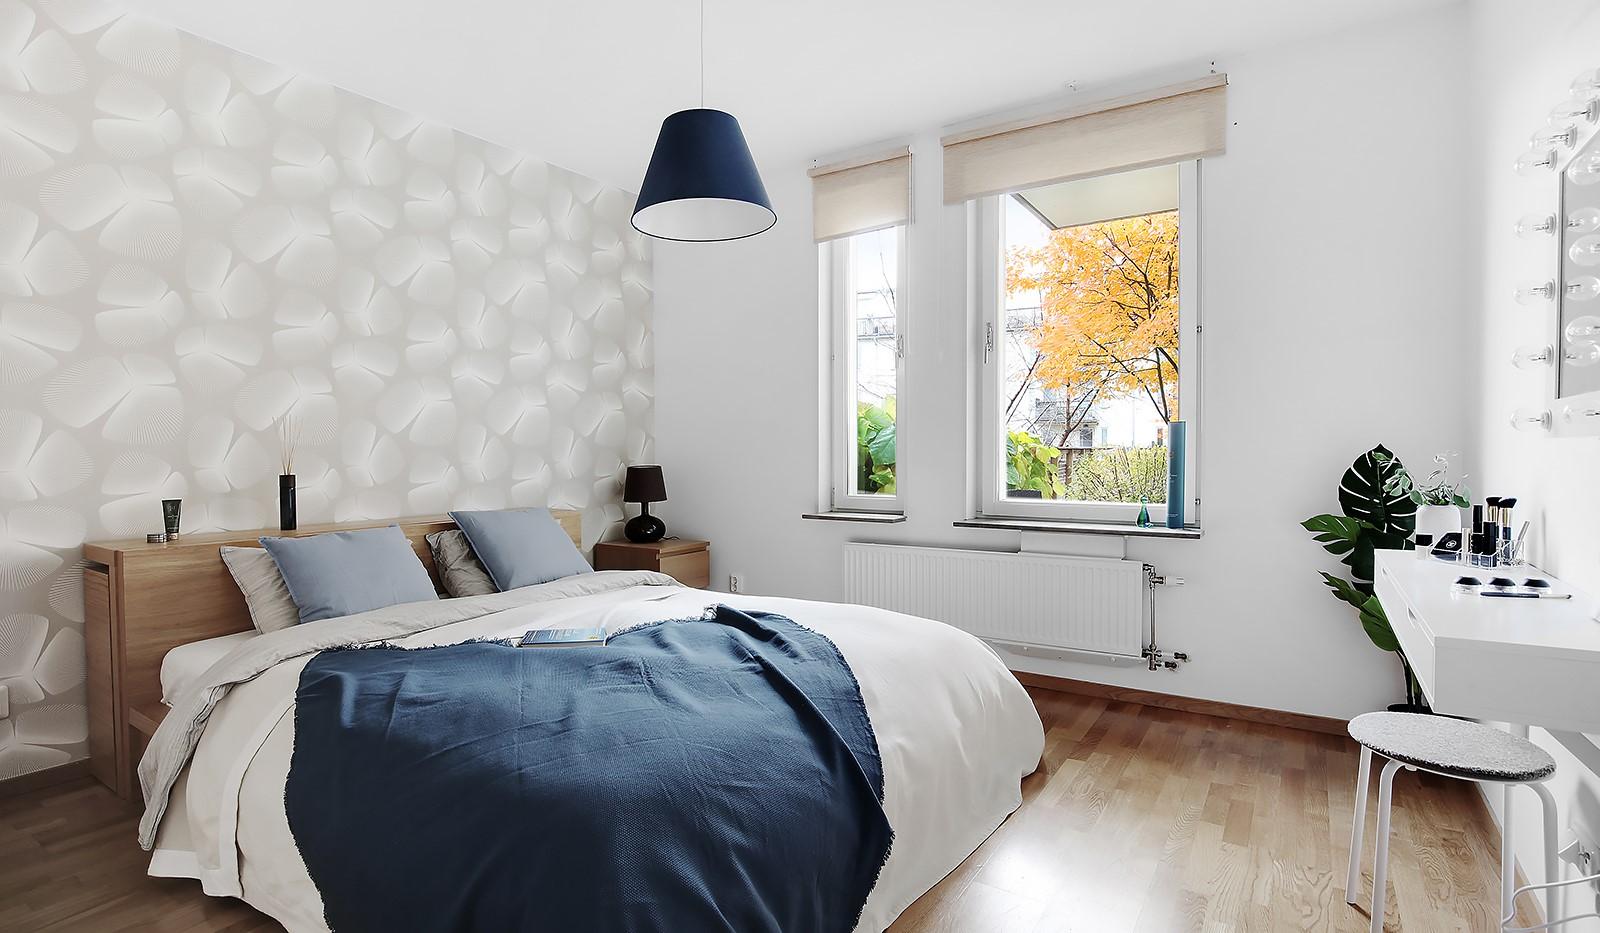 Korphoppsgatan 20 - Rofyllt sovrum mot lugn gård